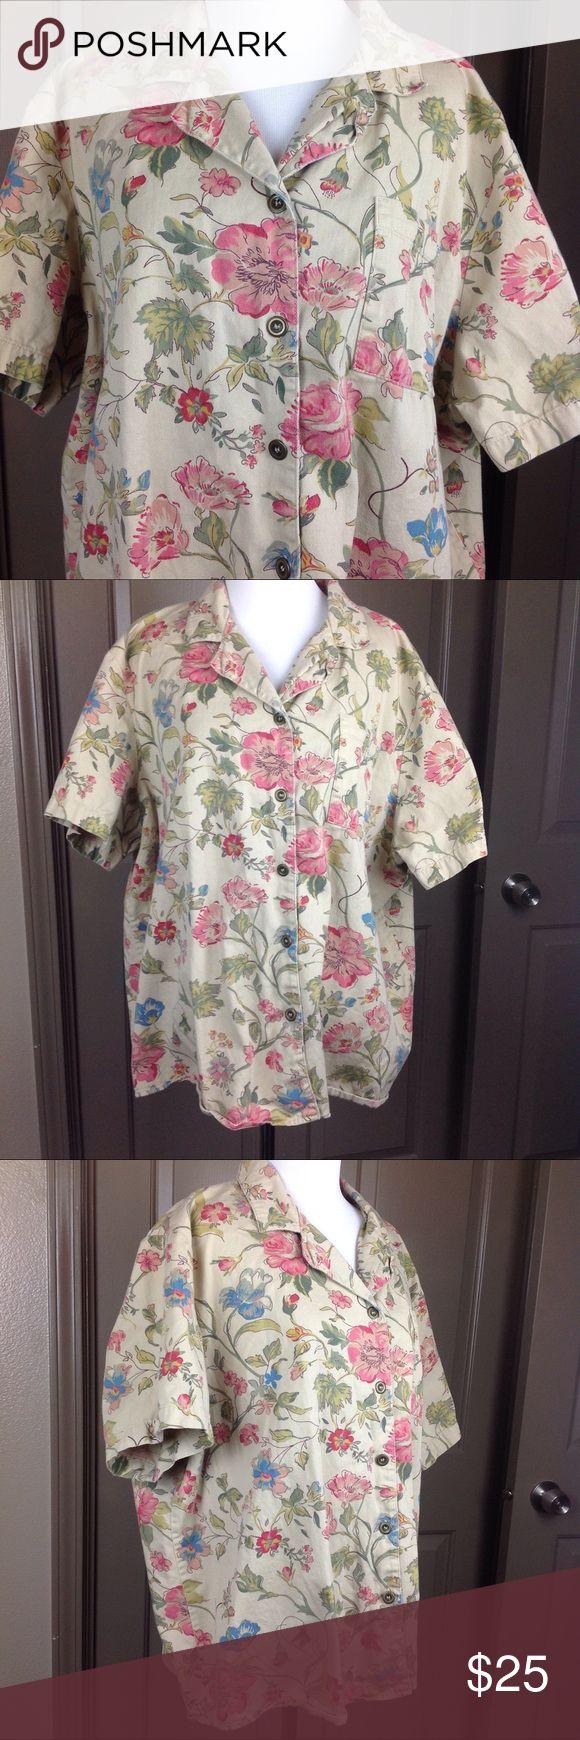 Susan Graver Top Button Down 2X Floral Short Sleev Great Condition Susan Graver Top Button Down 2X Floral Short Sleeve 100% Cotton one pocket 28 inch length 27.5 inch across bust Susan Graver Tops Button Down Shirts